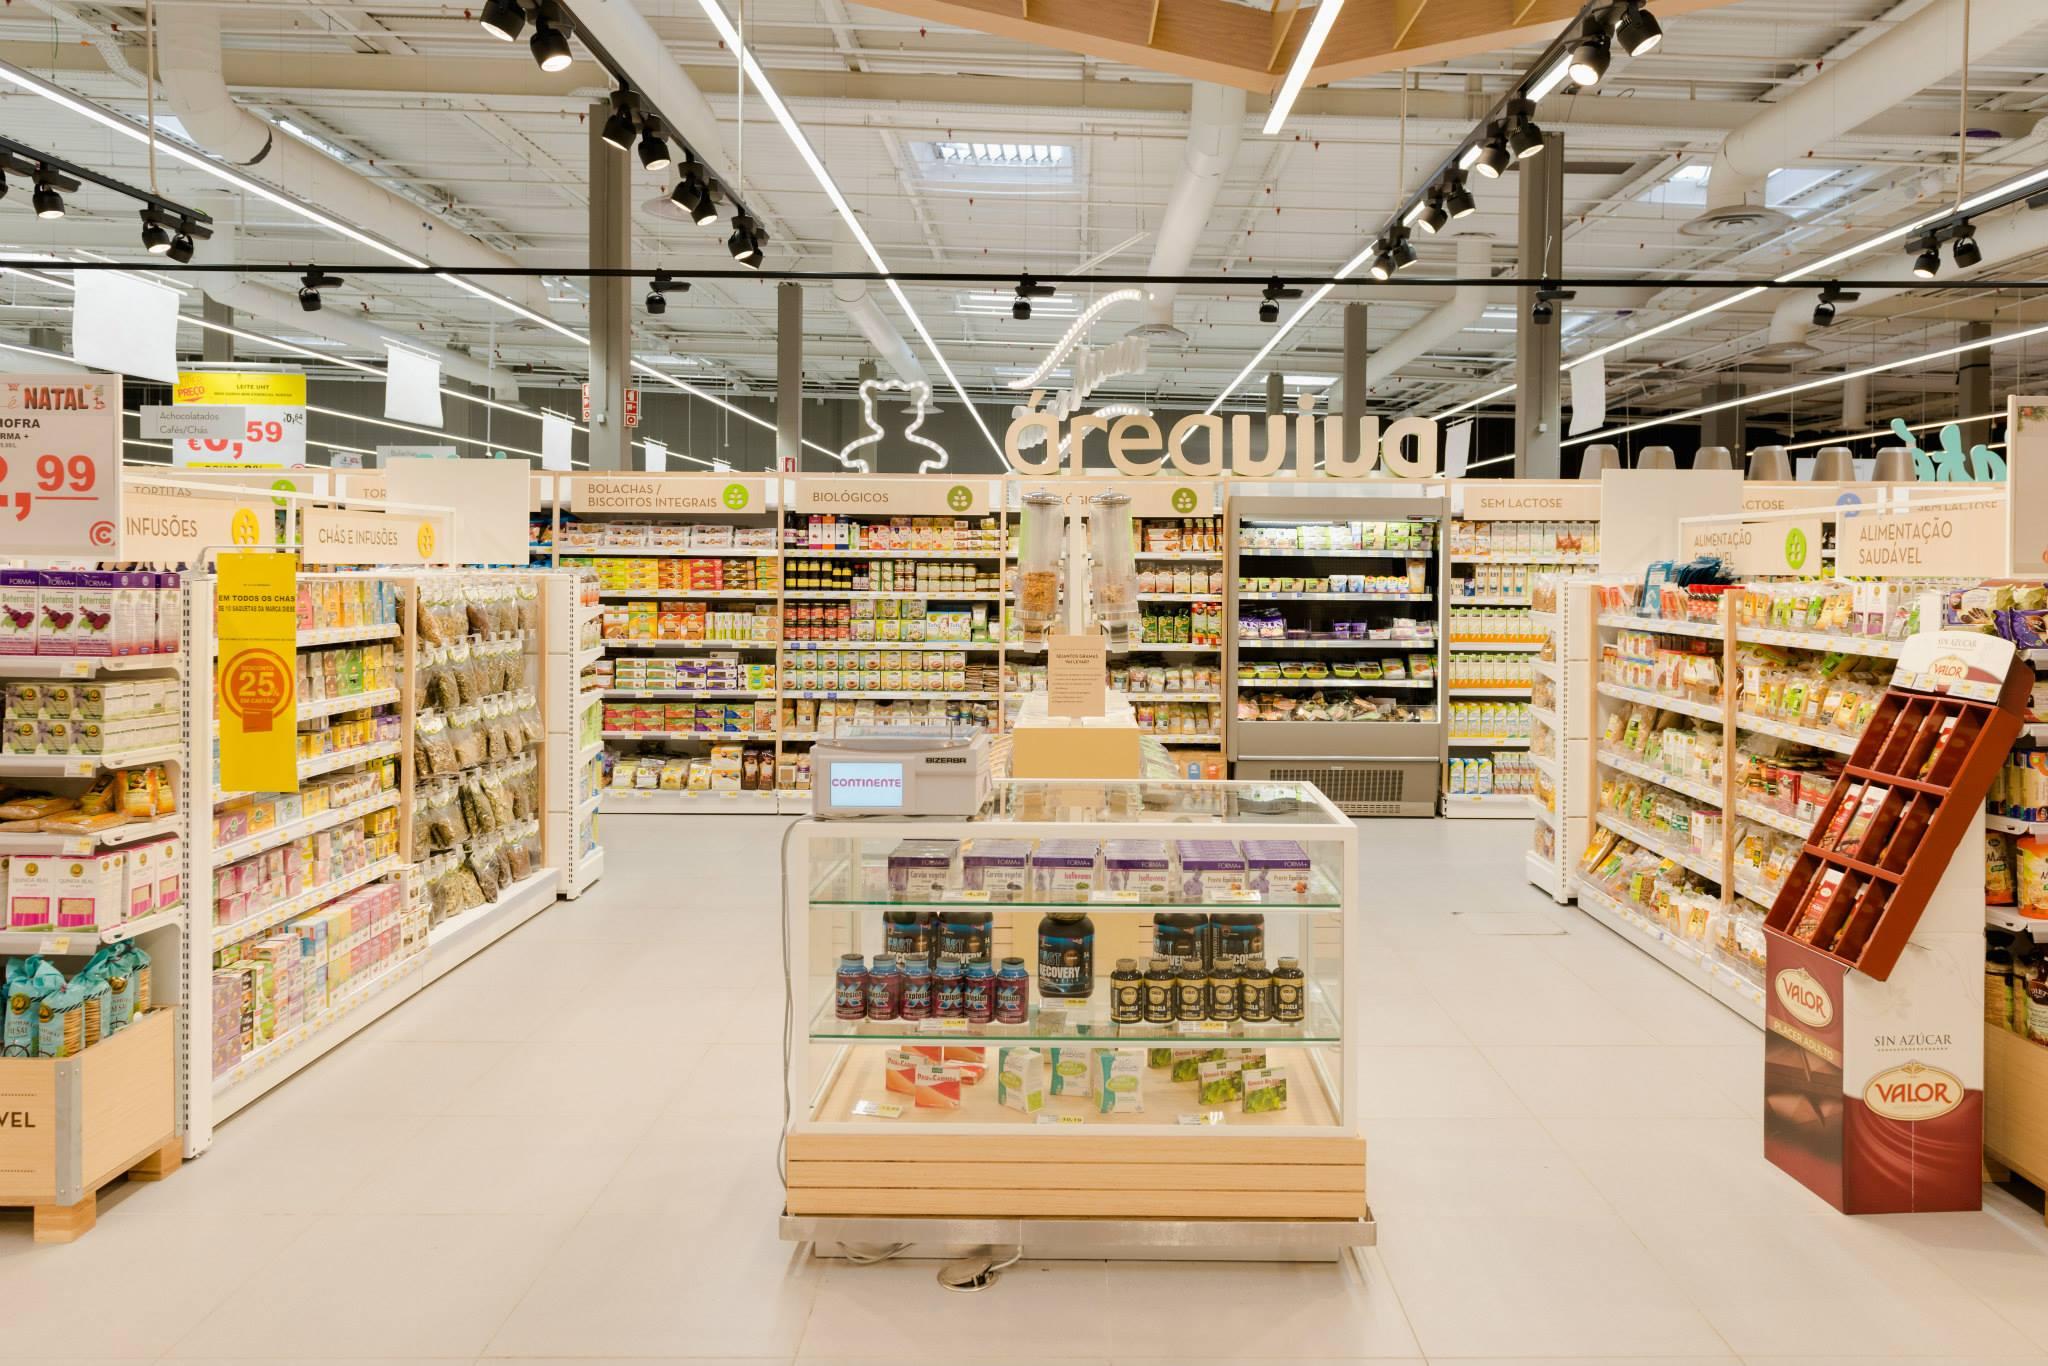 les supermarch s les moins chers de lisbonne week end et voyage lisbonne. Black Bedroom Furniture Sets. Home Design Ideas